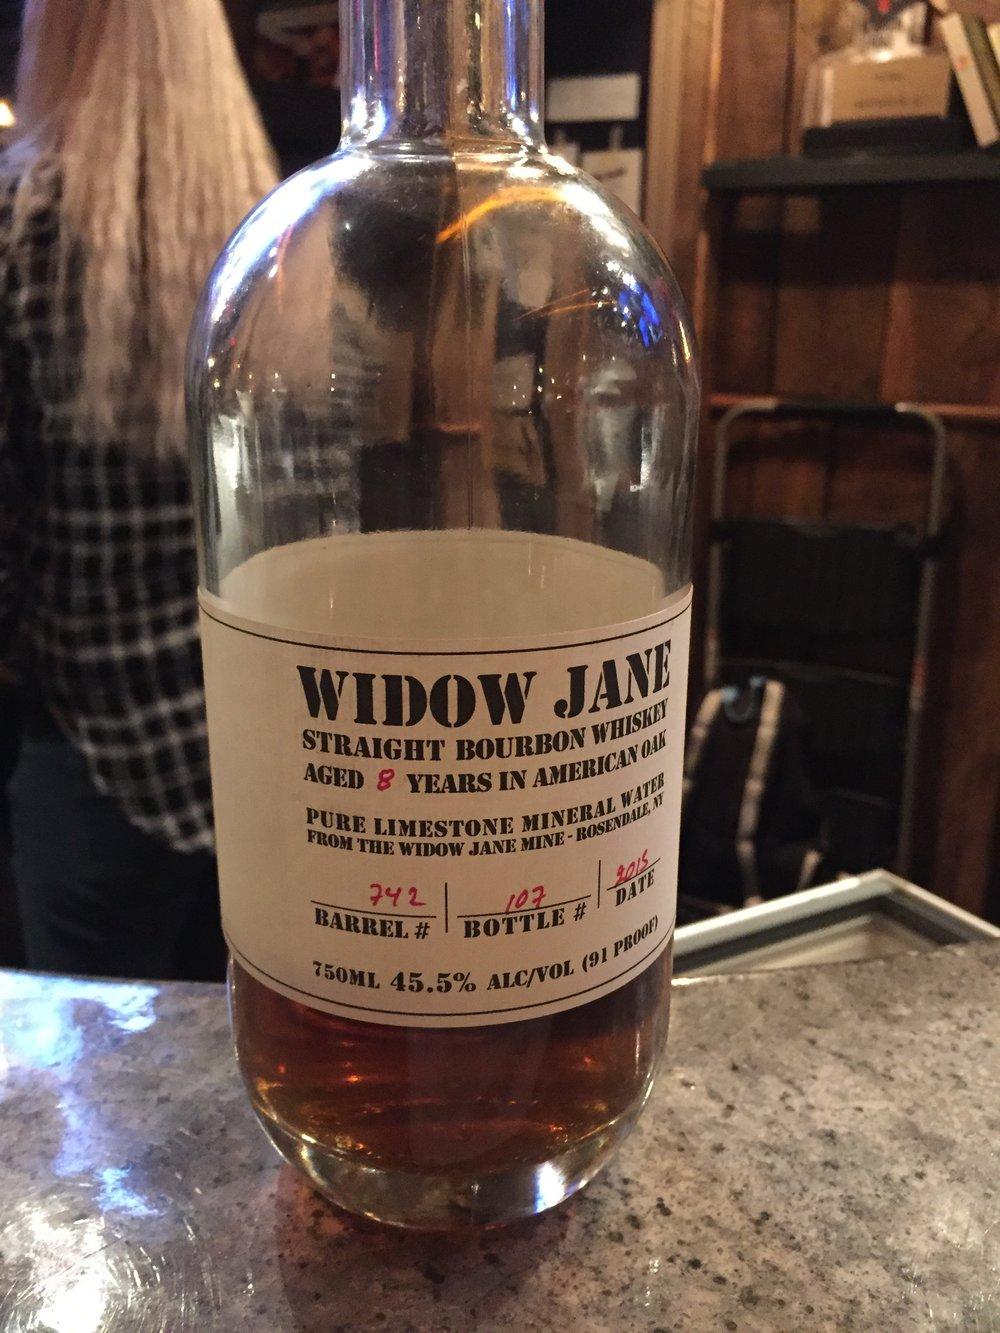 Bottle 'o Widow Jane